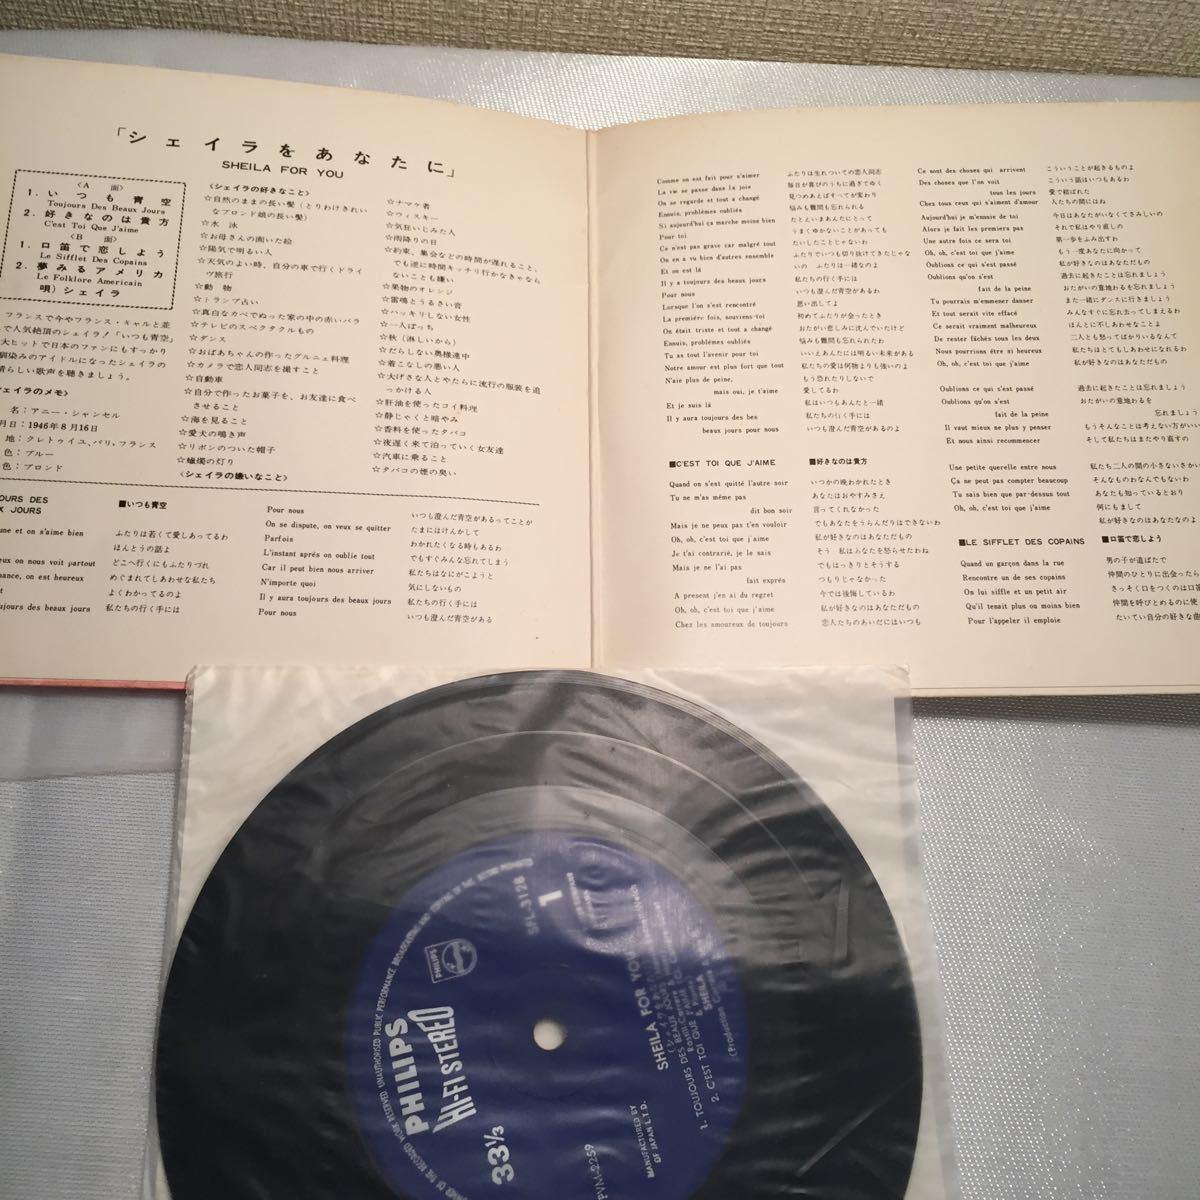 シェイラをあなたに EPレコード SHEILA for YOU _画像4